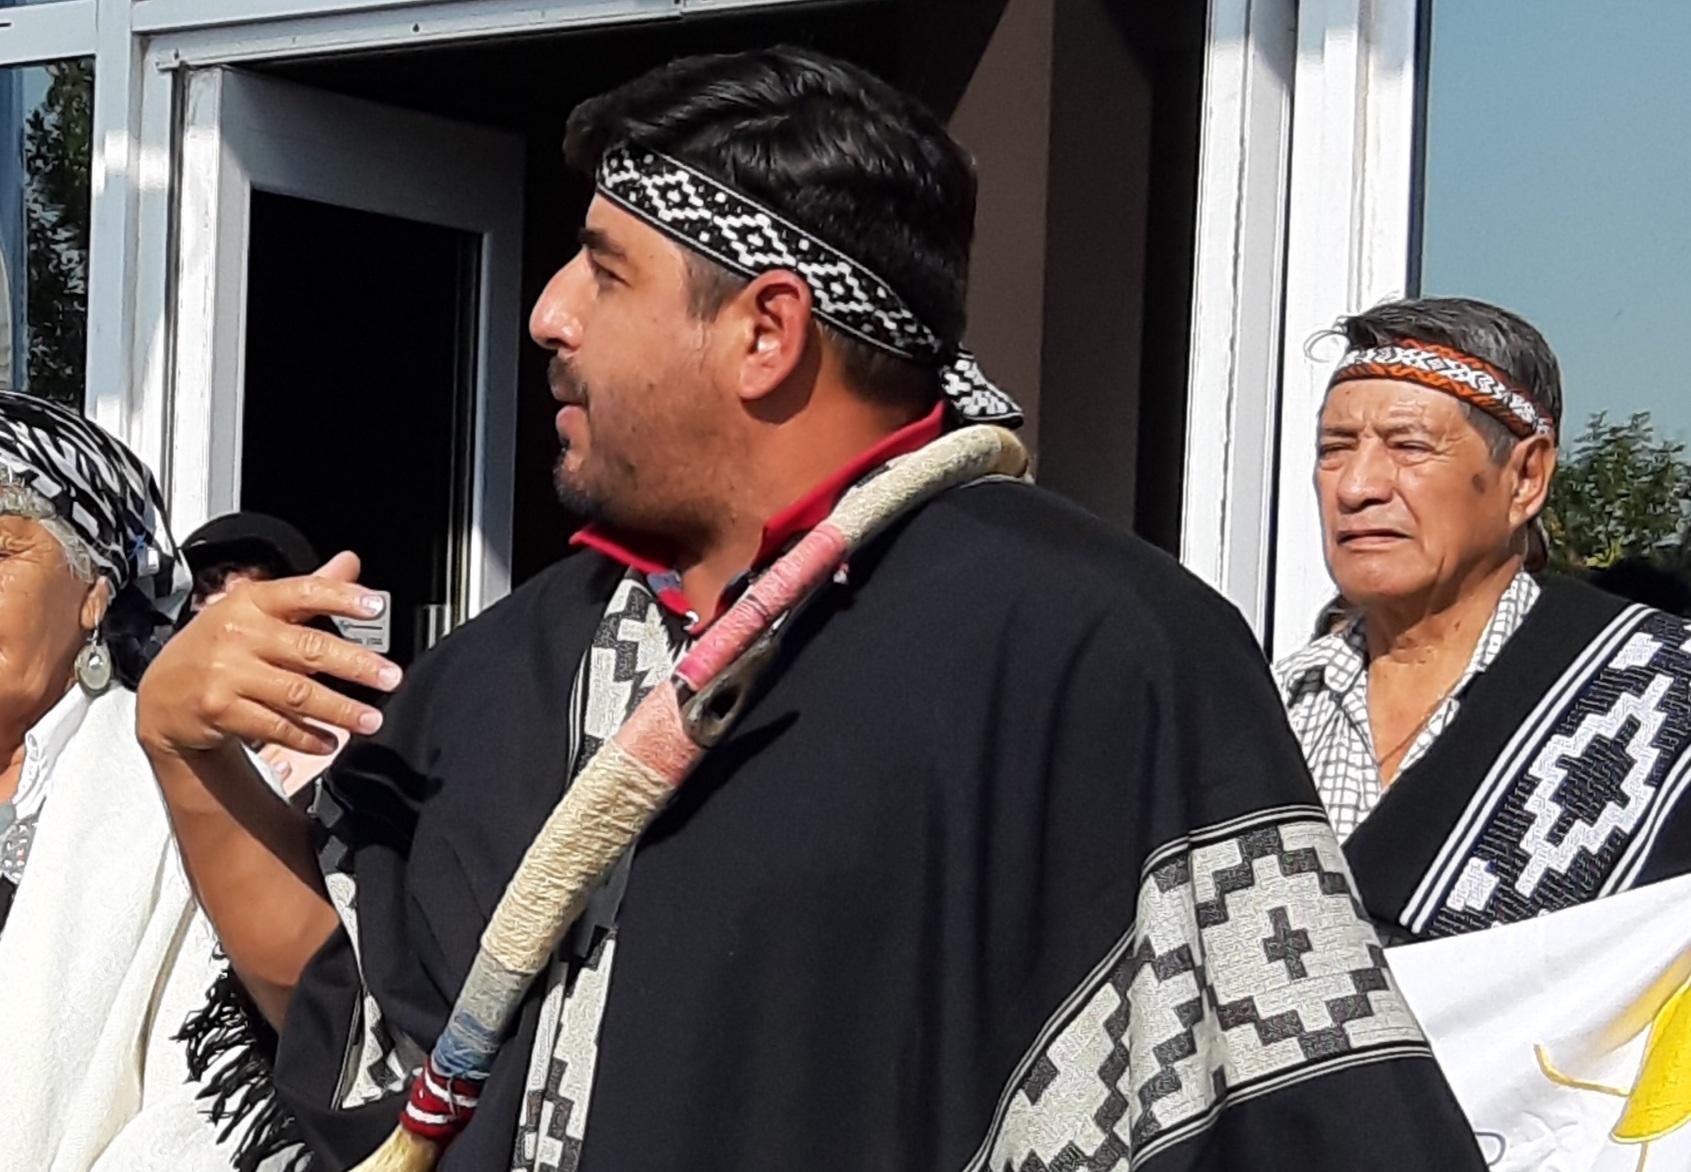 Hecho histórico en La Pampa: después de más de cien años, vuelve a celebrarse un enterratorio a la manera ancestral